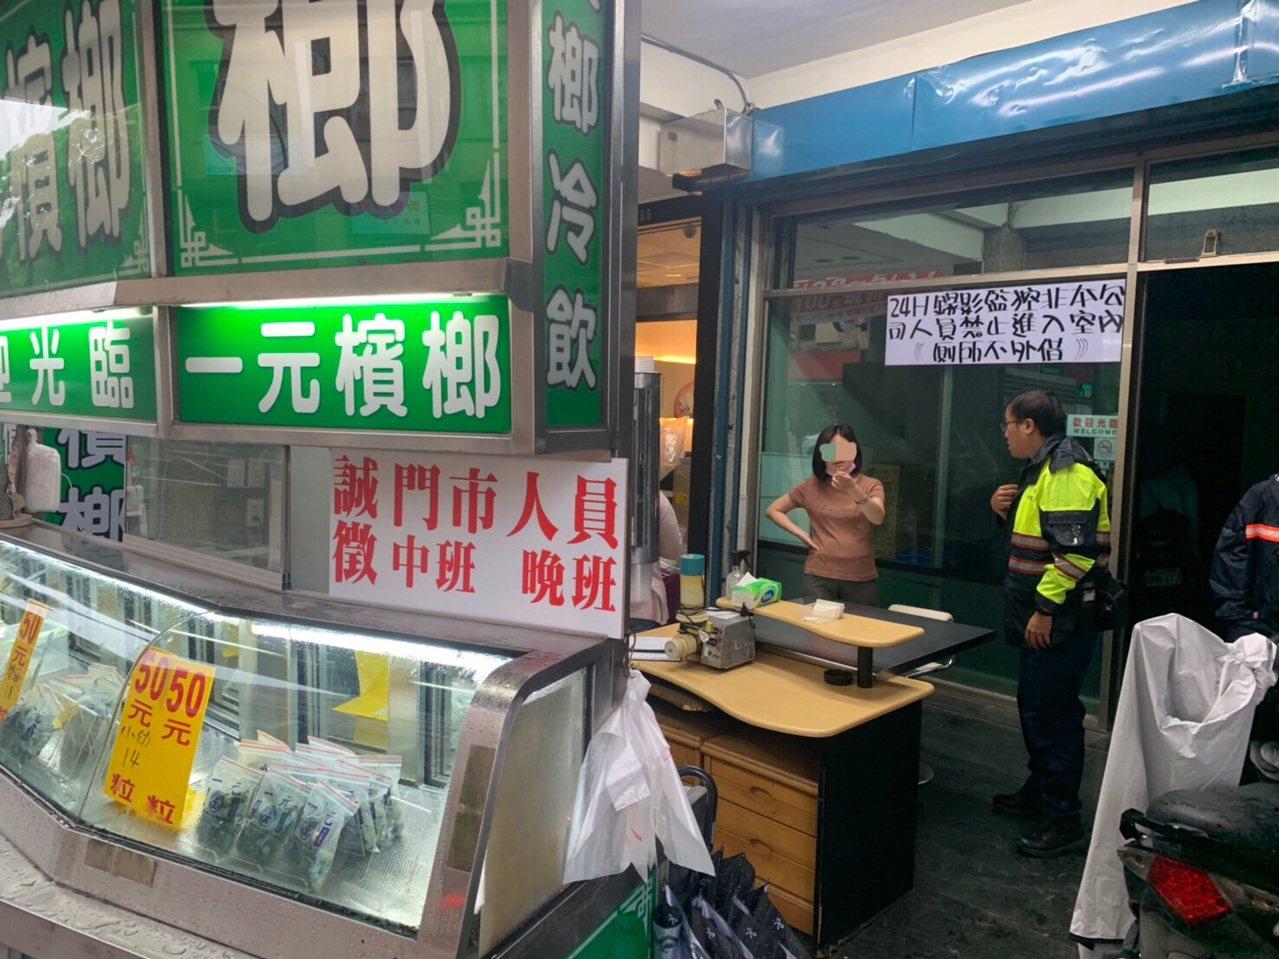 高雄市三民區1家檳榔攤今天清晨遭搶。記者林保光/翻攝